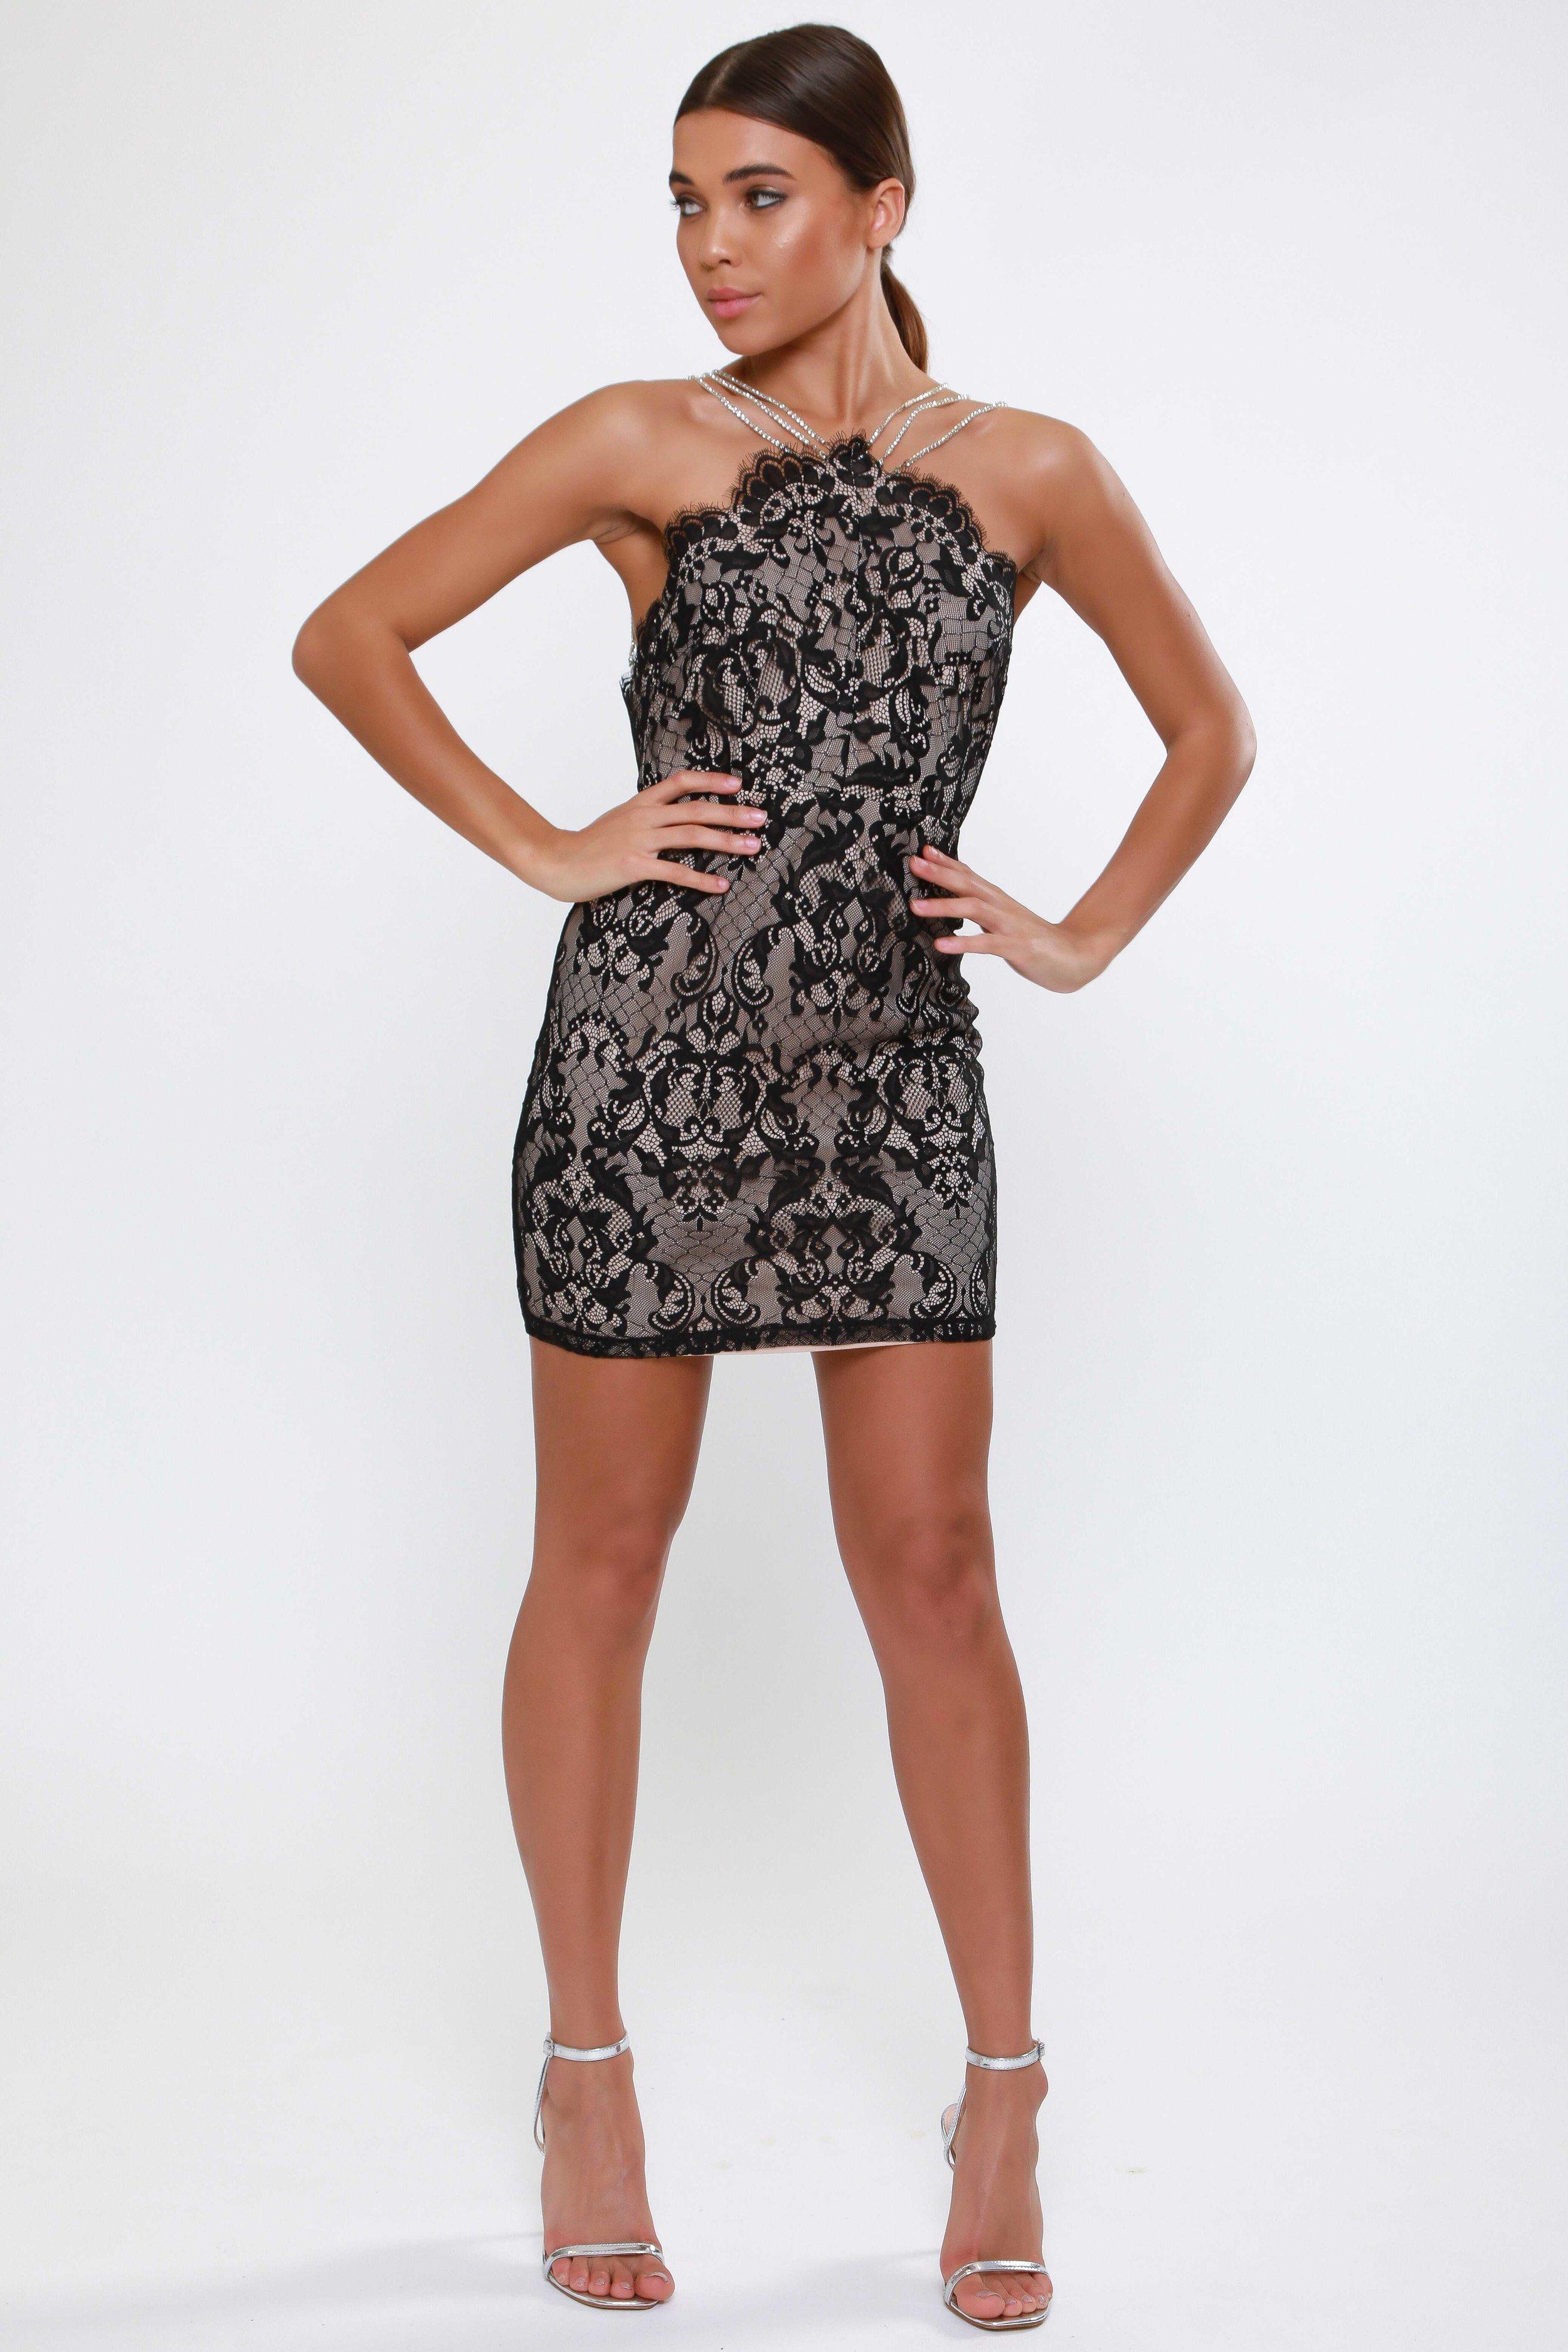 Eyelash Lace Mini Dress  with Diamante Strap Detail   £62.00